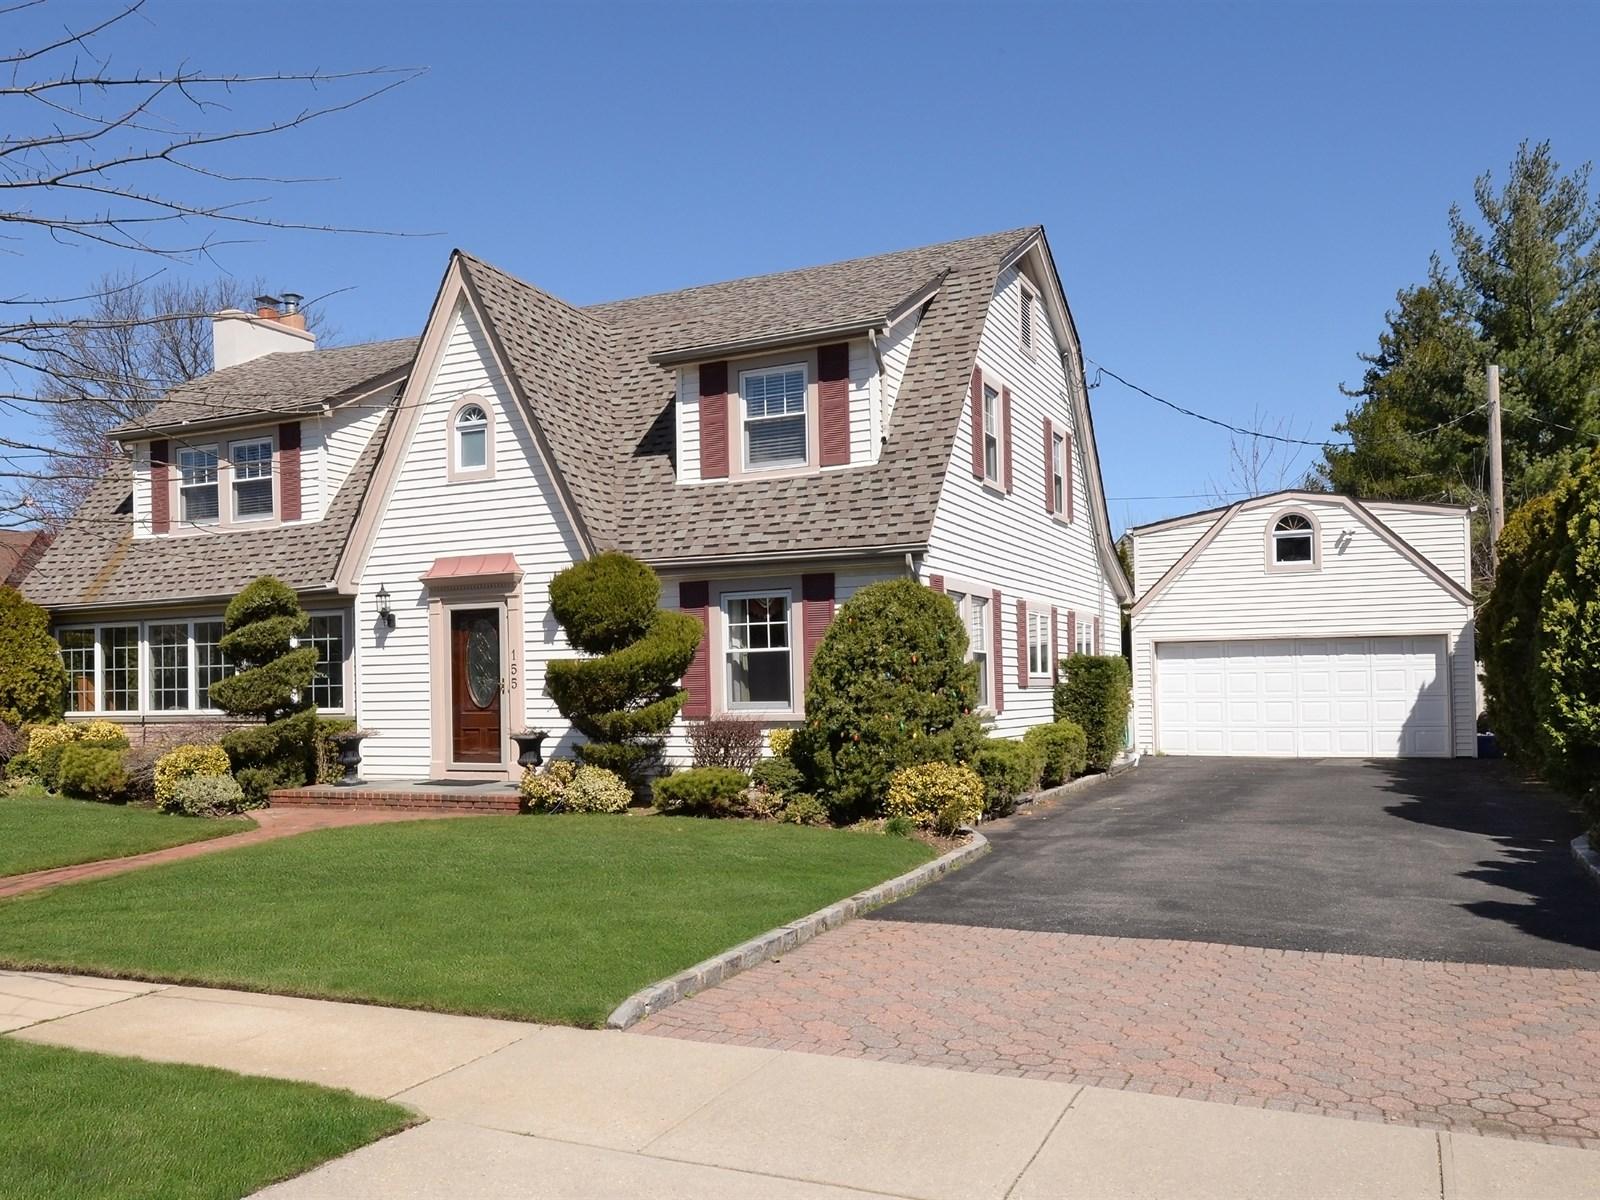 Tek Ailelik Ev için Satış at Colonial 155 Hamilton Rd Rockville Centre, New York, 11570 Amerika Birleşik Devletleri